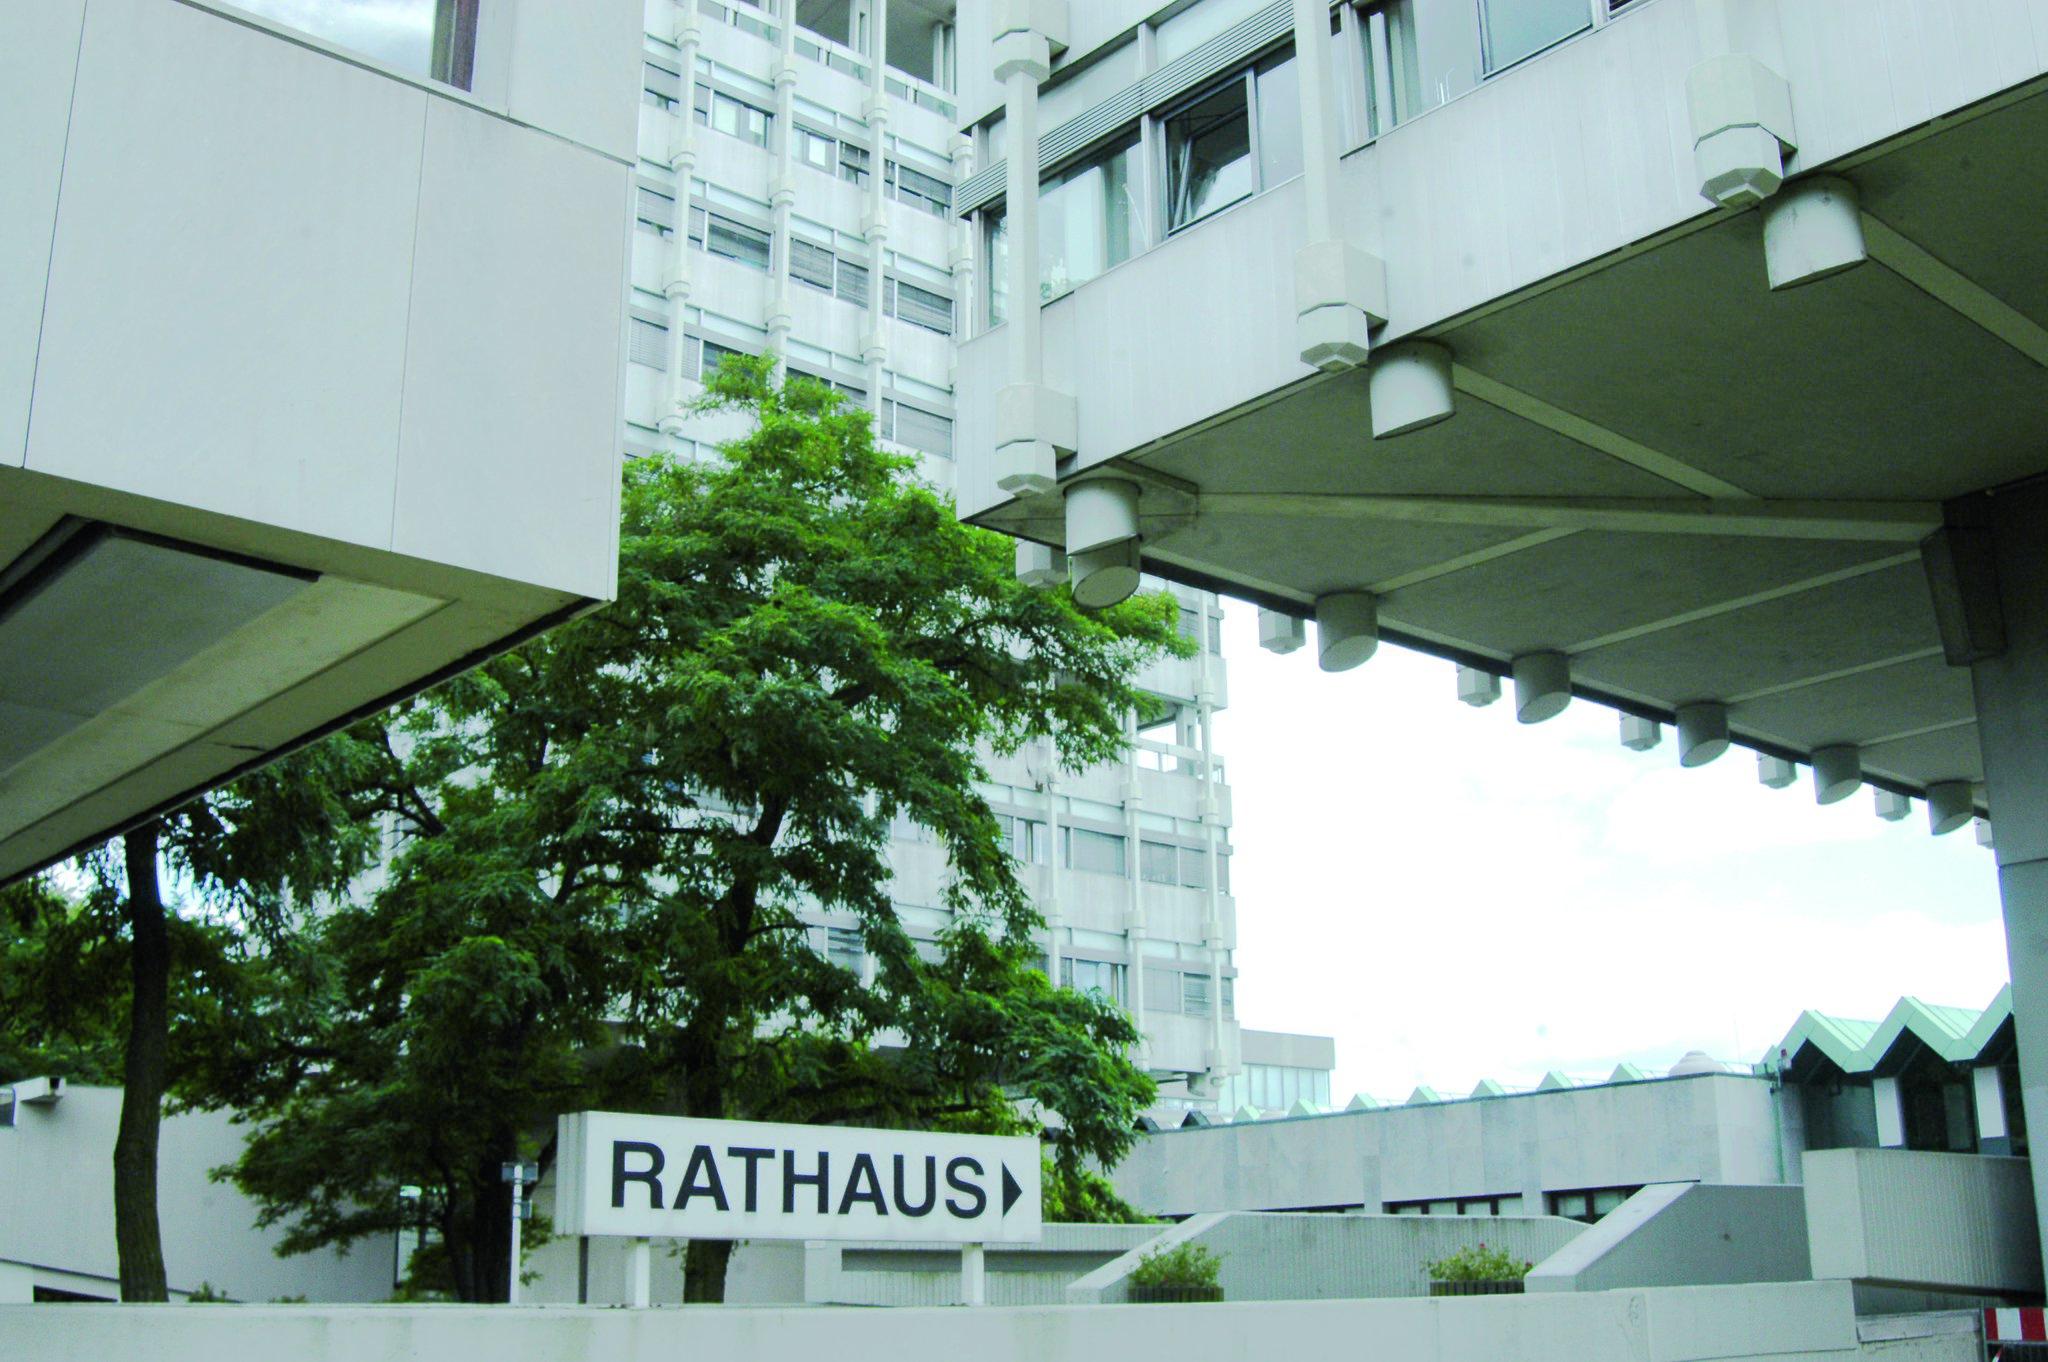 Stadt Marl begrüßt Entscheidung: Verwaltungsgericht bestätigt Unzulässigkeit des Bürgerbegehrens gegen die Rathaussanierung - Marl - Lokalkompass.de